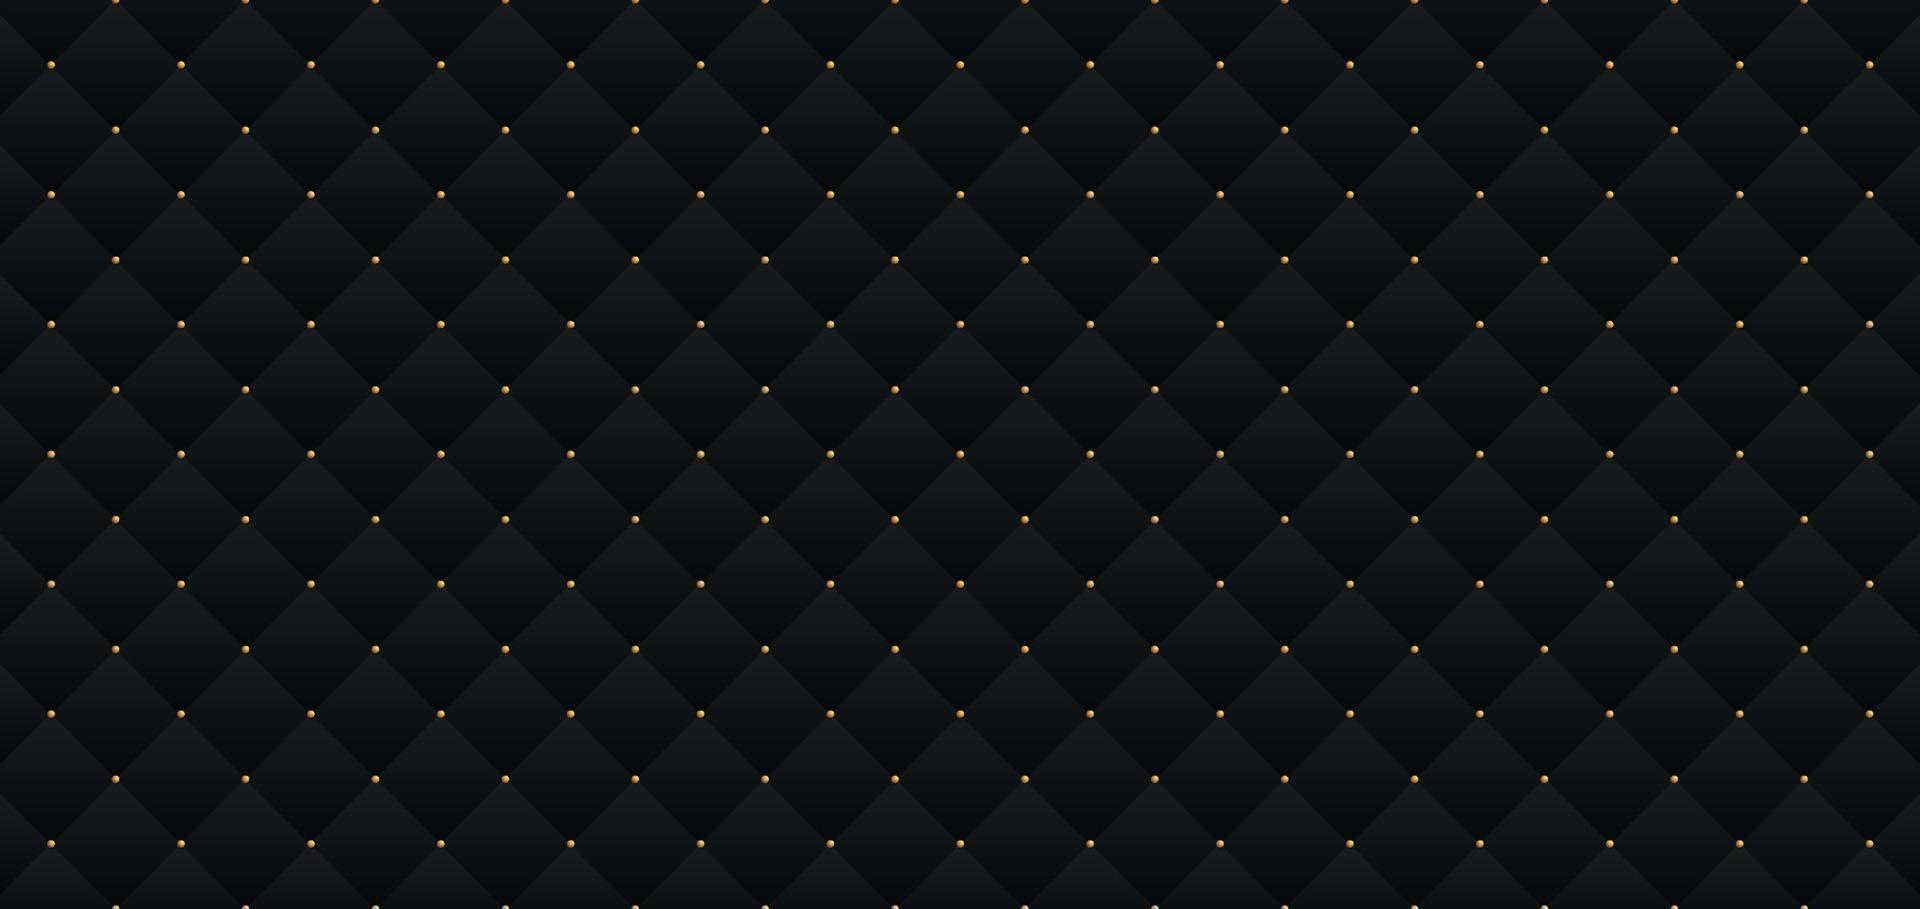 motivo elegante nero scuro in stile retrò con piccoli punti dorati. sfondo per carta di invito. puoi usarlo per una festa reale premium. modello di poster di lusso bg con texture in pelle vintage vettore